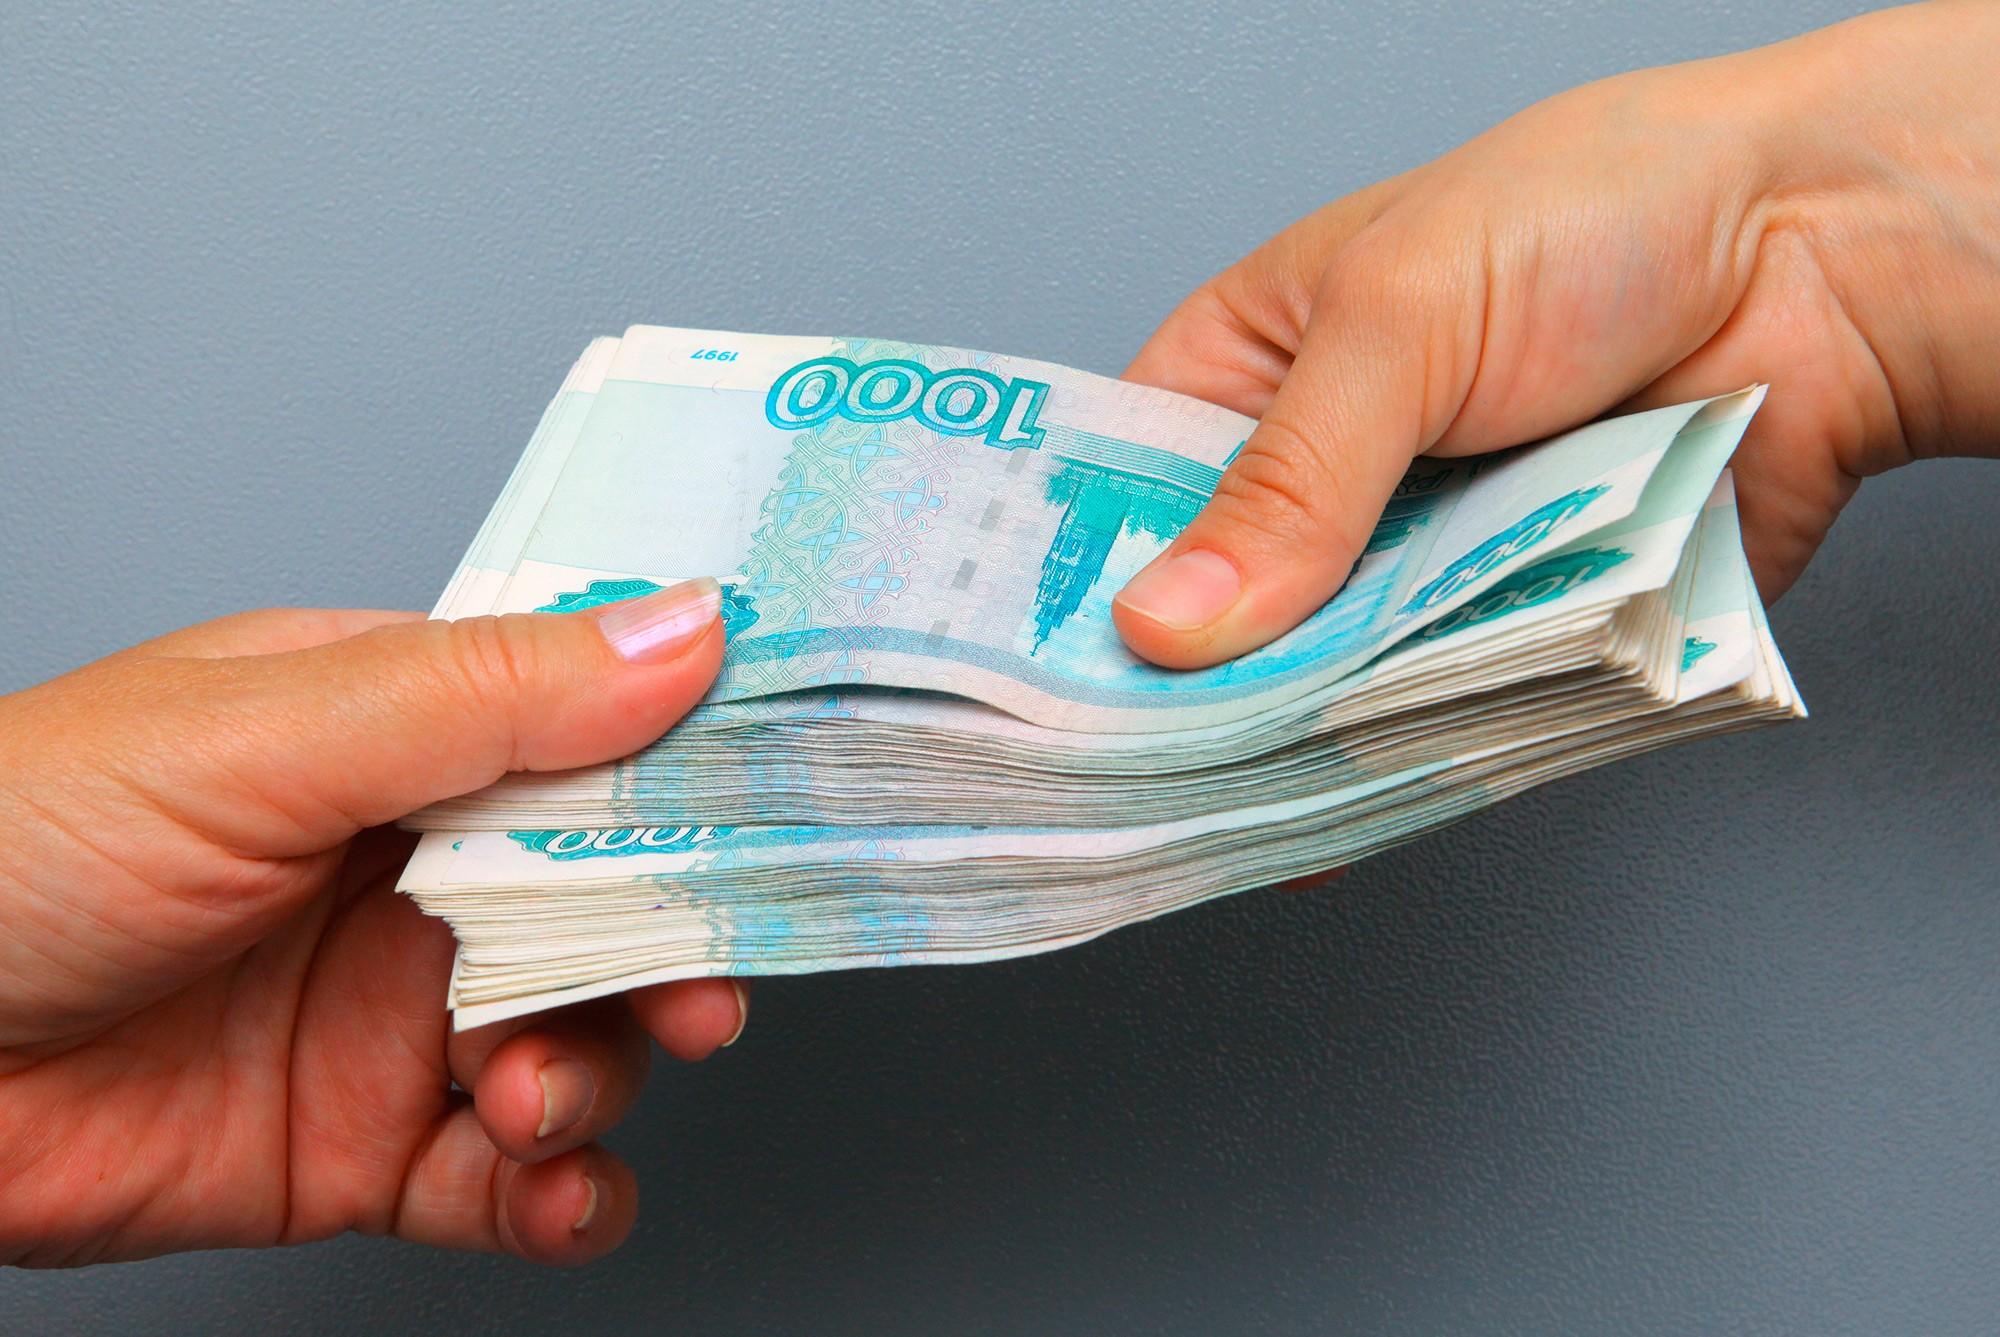 Чем оправданы риски россиян при проведении сделок с недвижимостью?